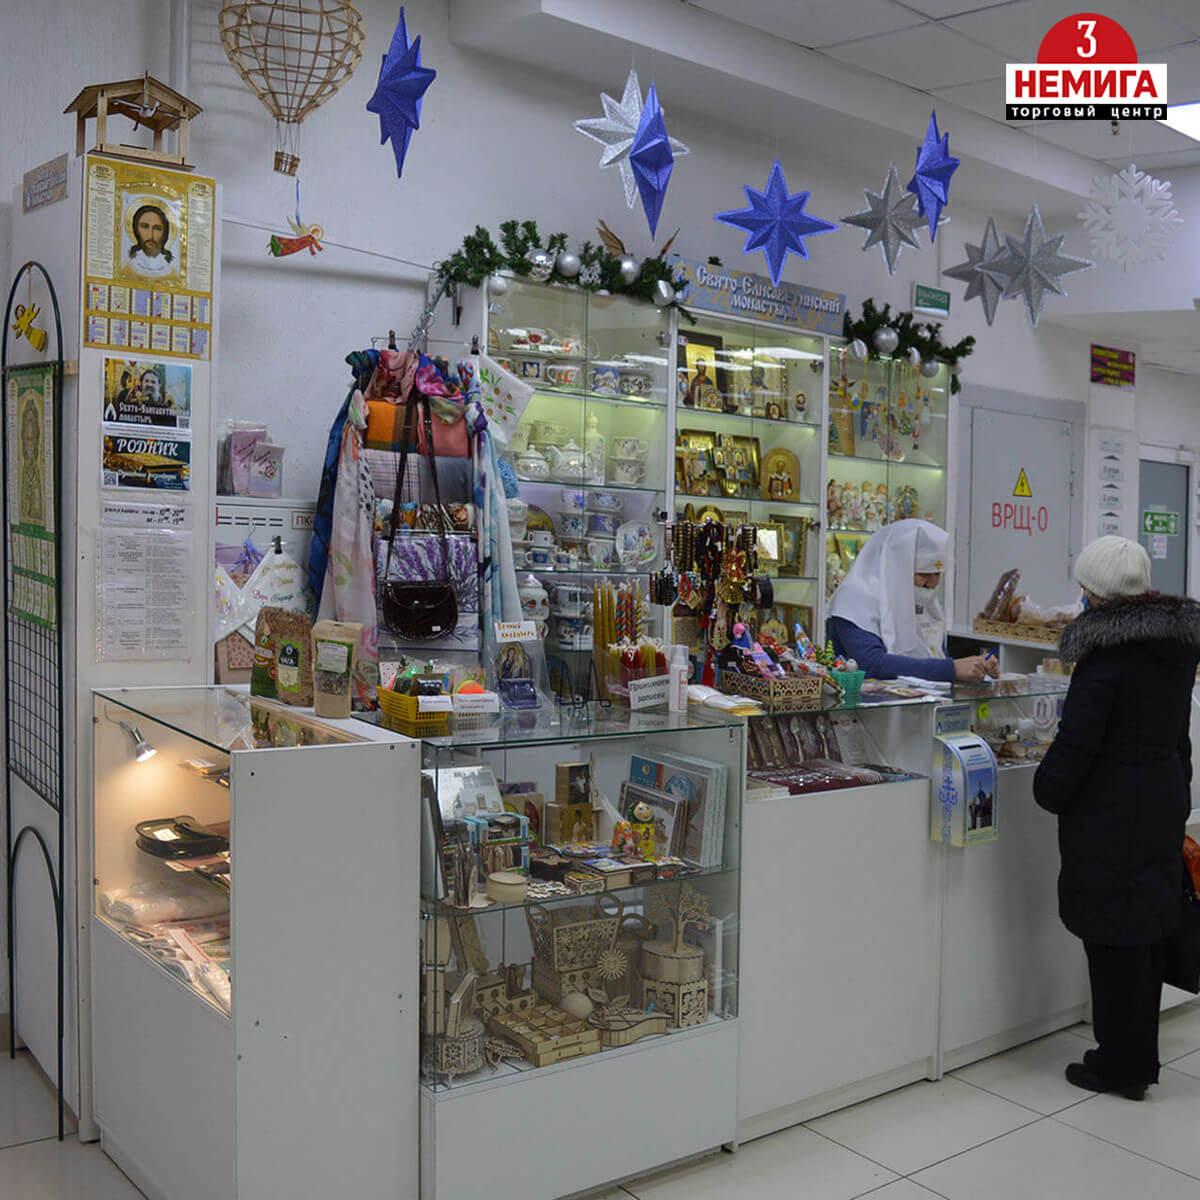 Продукция  - выпечка, сувениры и др.. от Свято-Елисаветинского монастыря